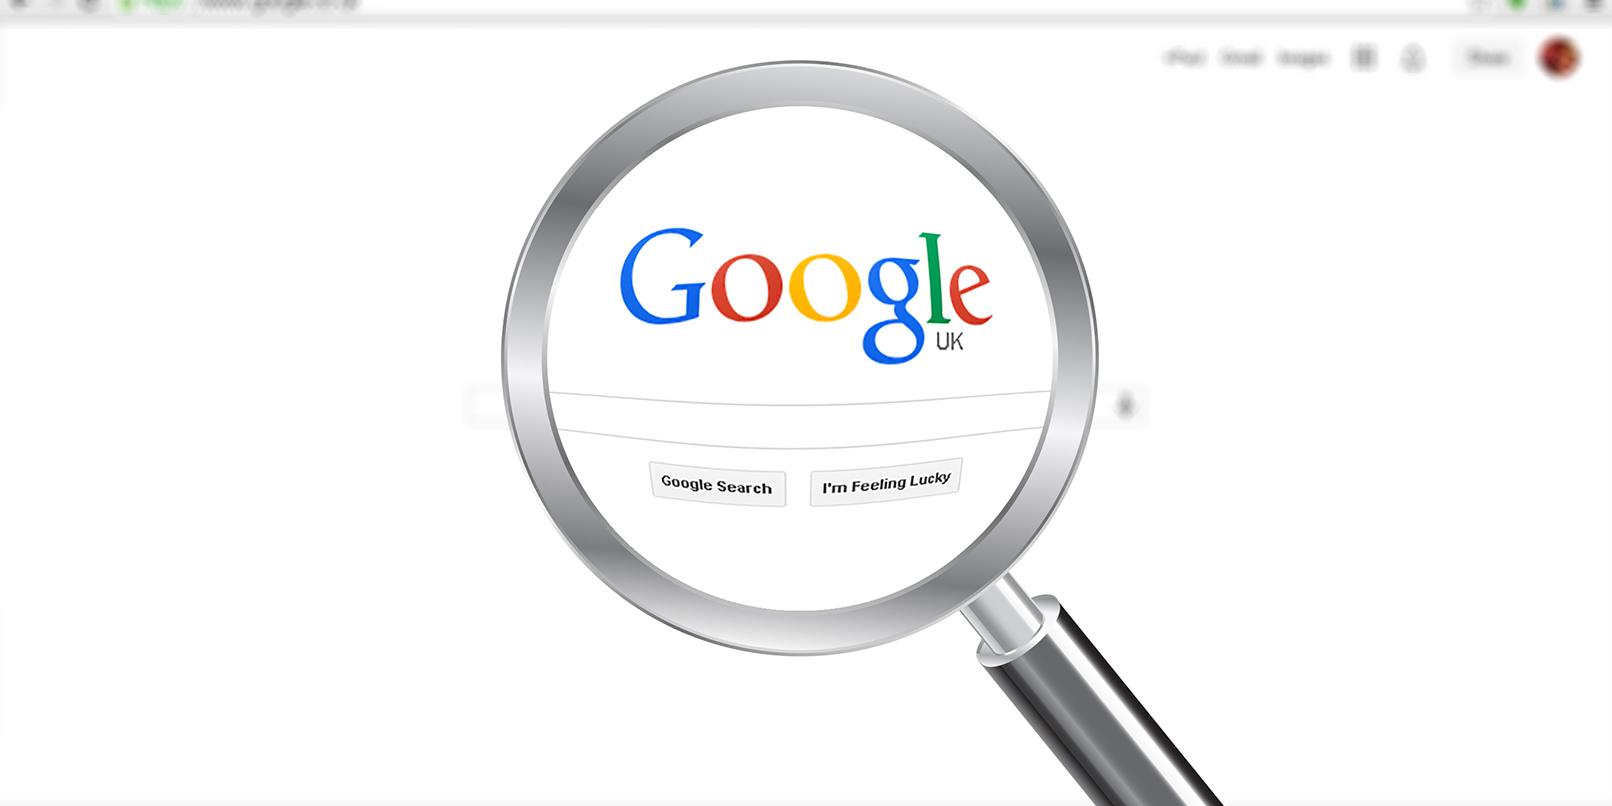 Представители на Google съобщиха за обновление в алгоритъма за търсене.